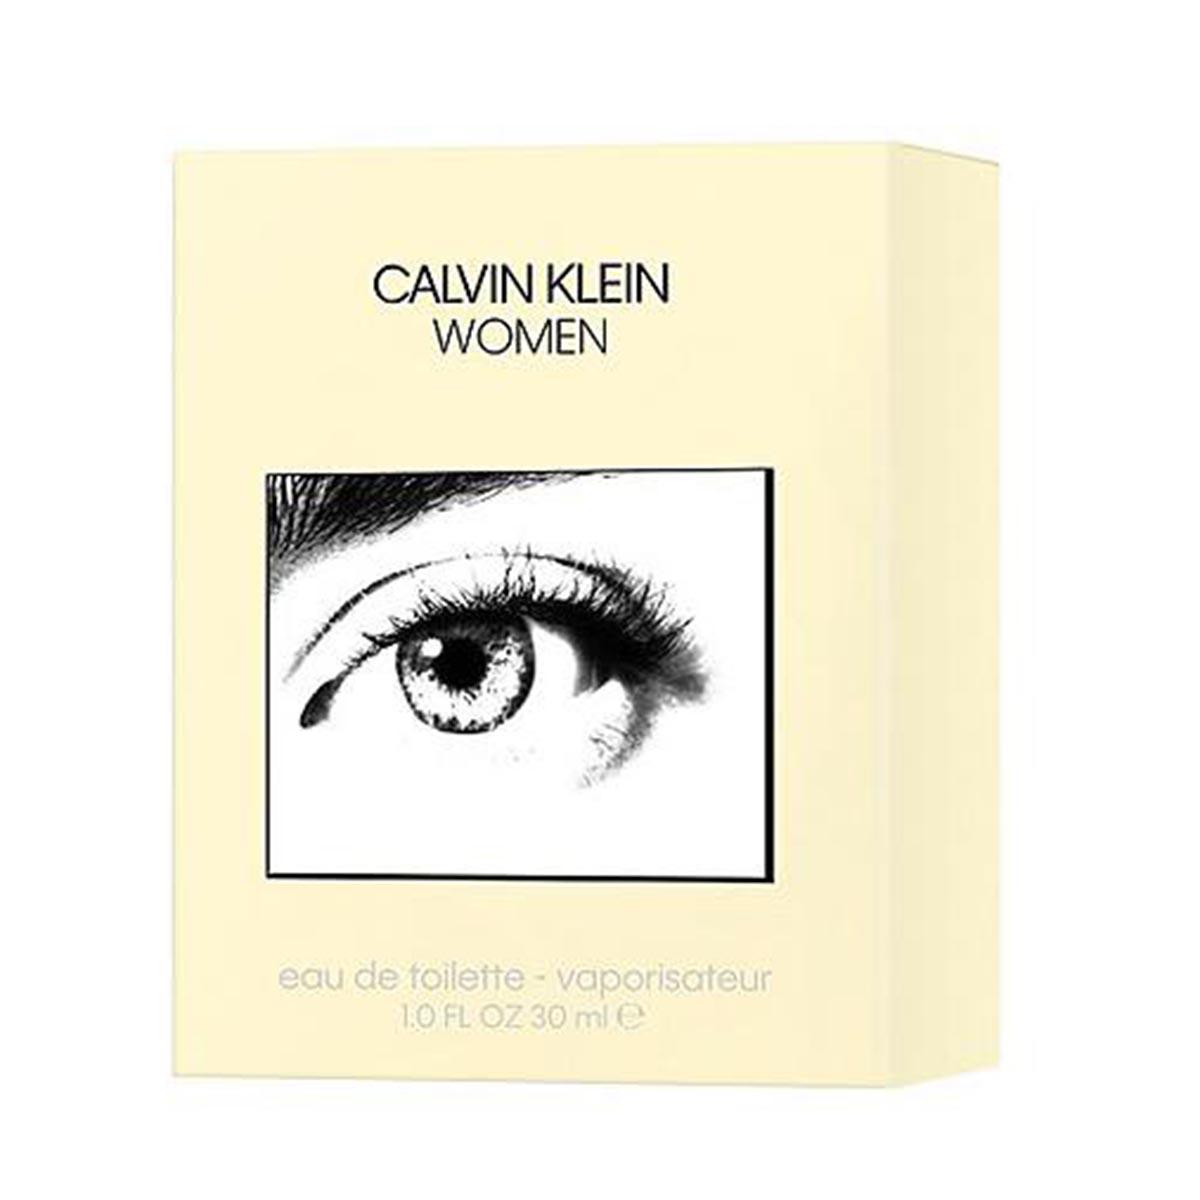 Calvin klein women eau de toilette 30ml vaporizador